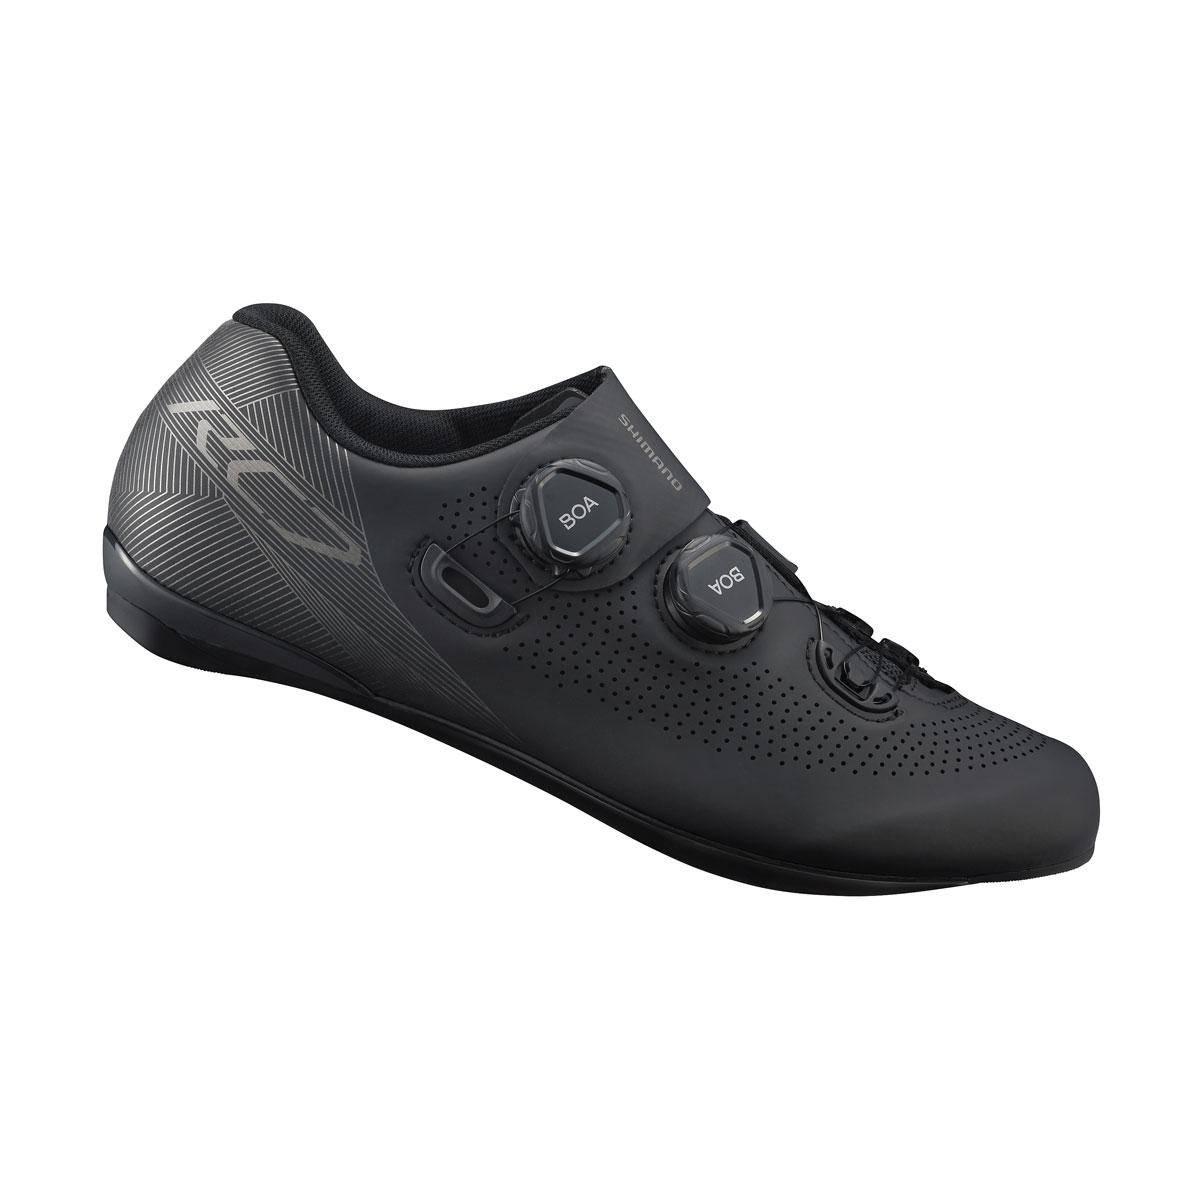 SHIMANO silniční obuv SH-RC701ML, černá, 44